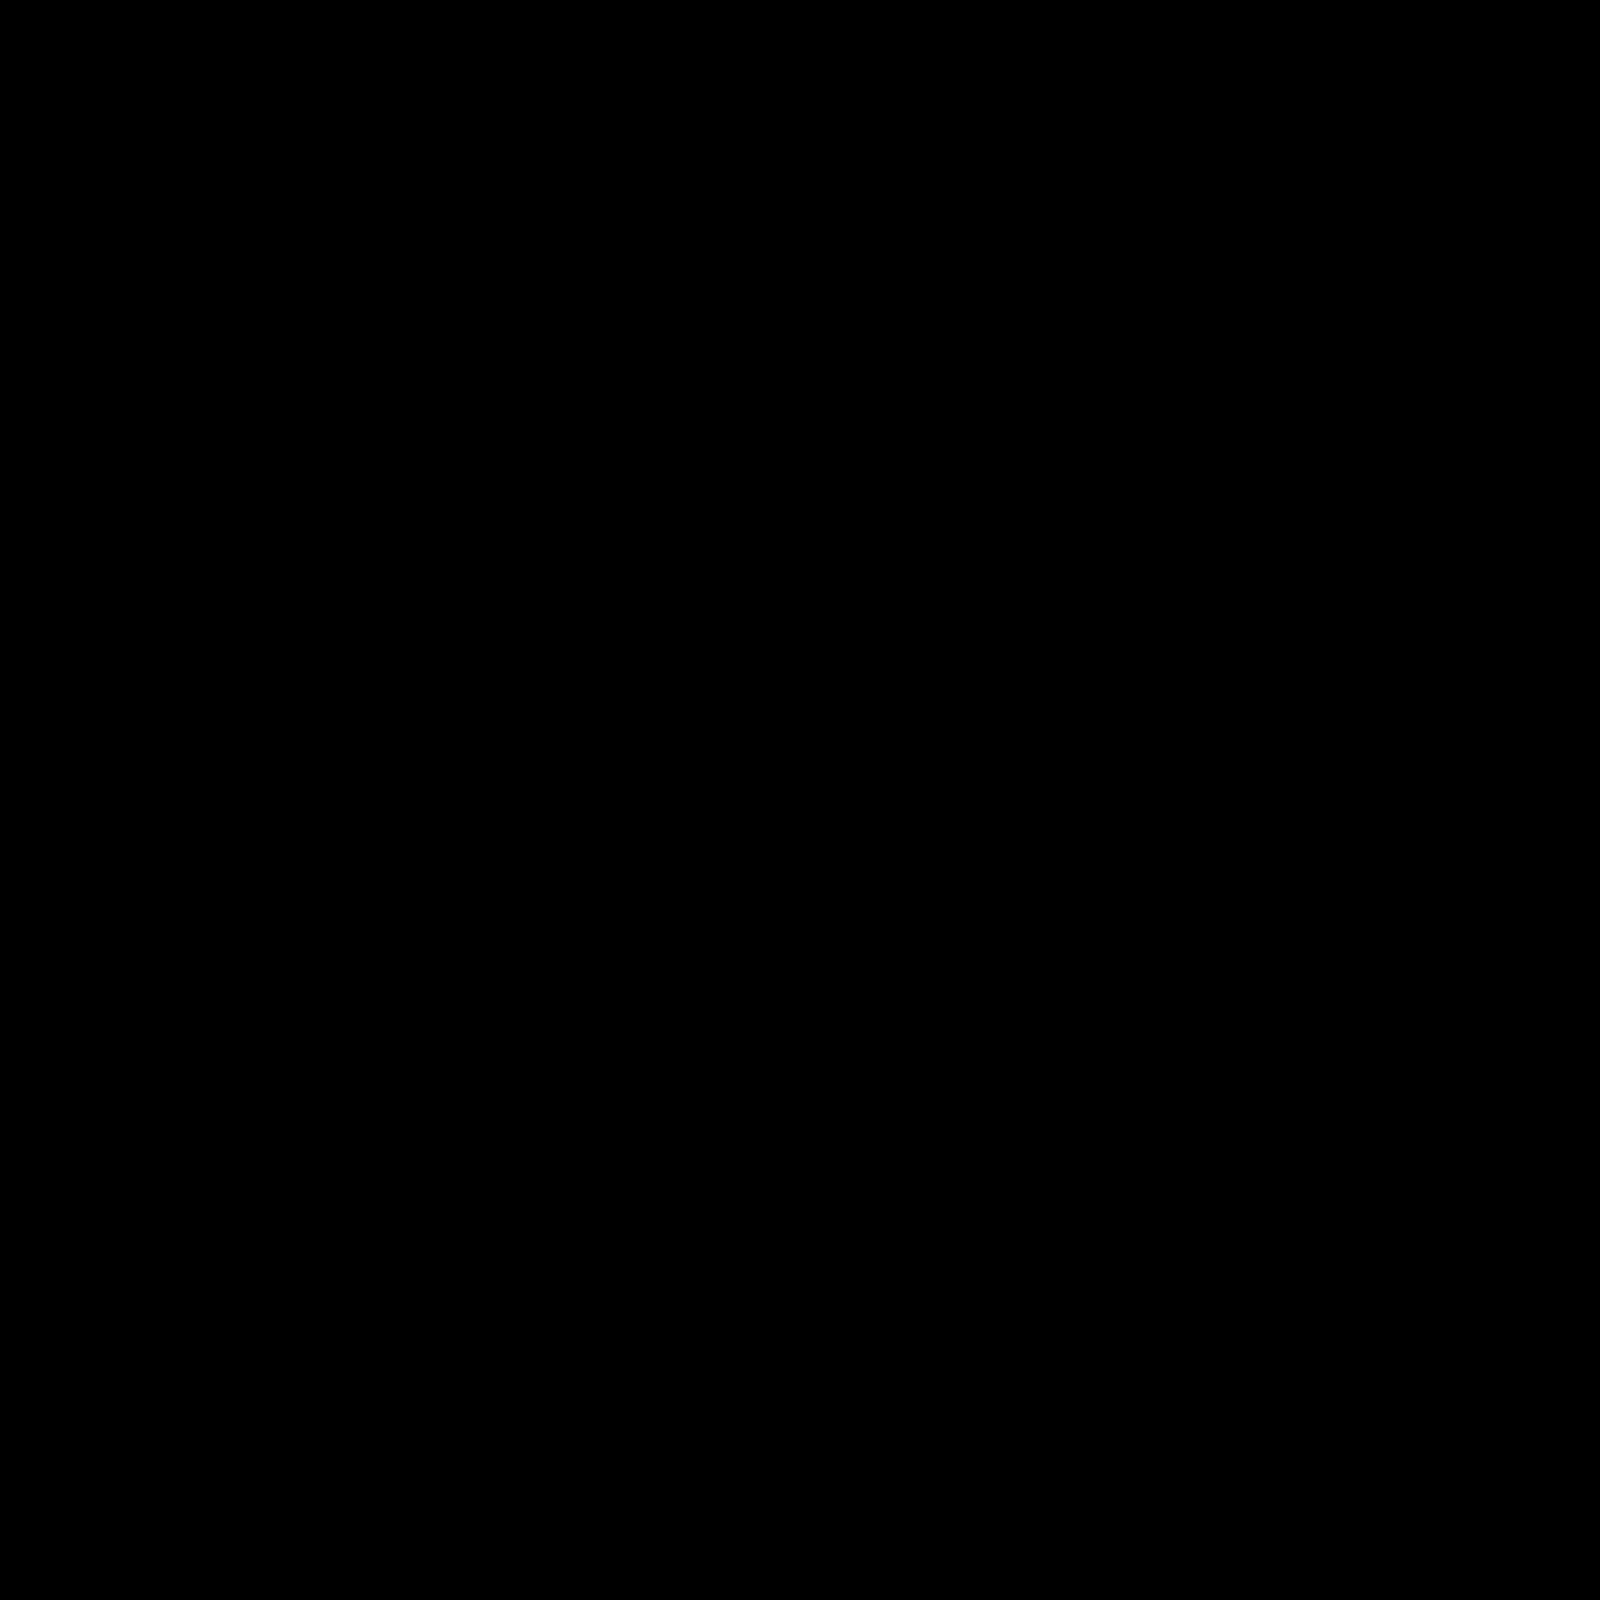 Długa Strzałka w górę icon